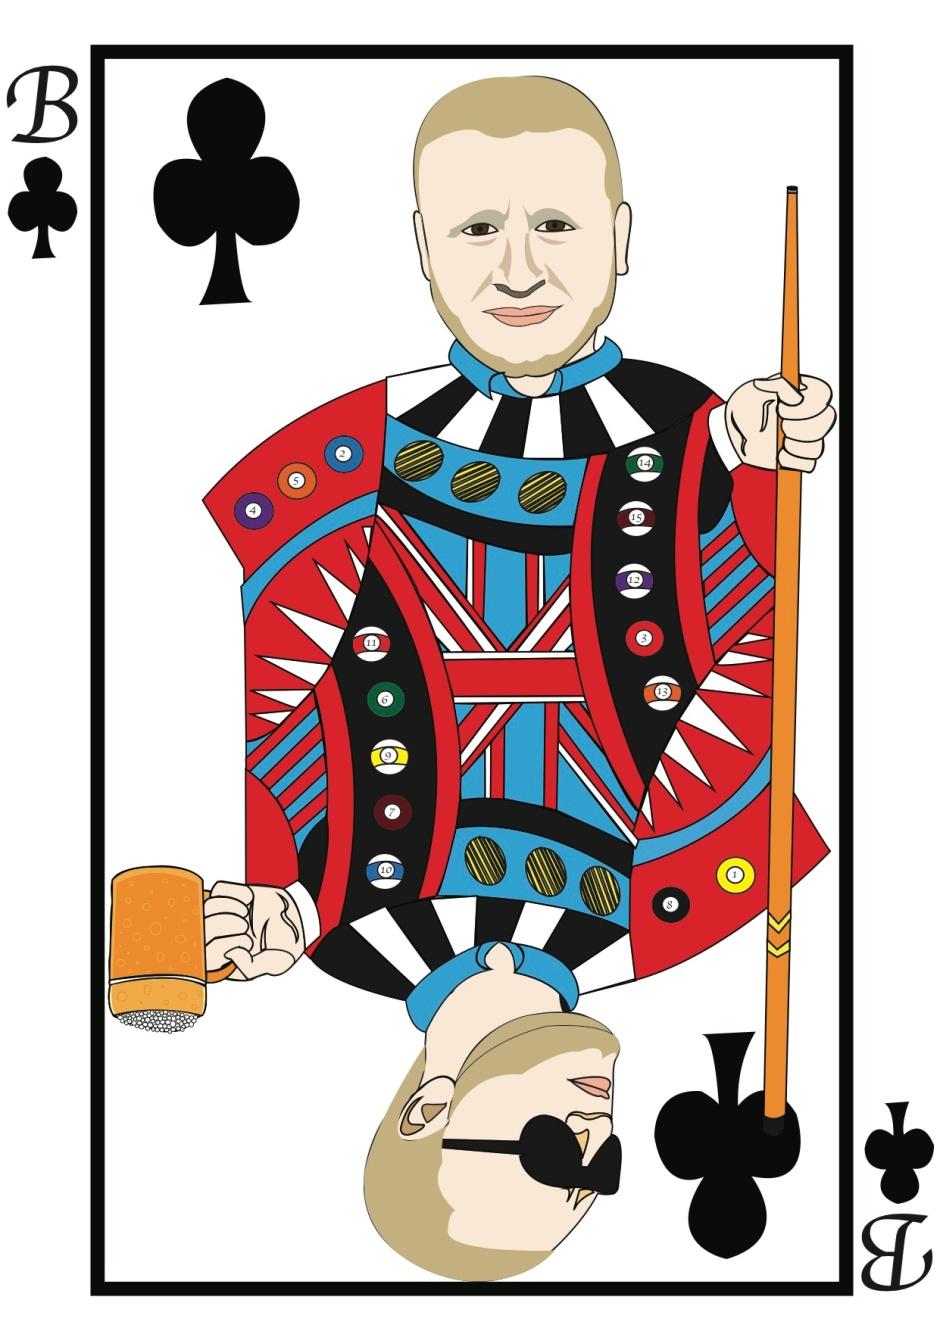 ben card